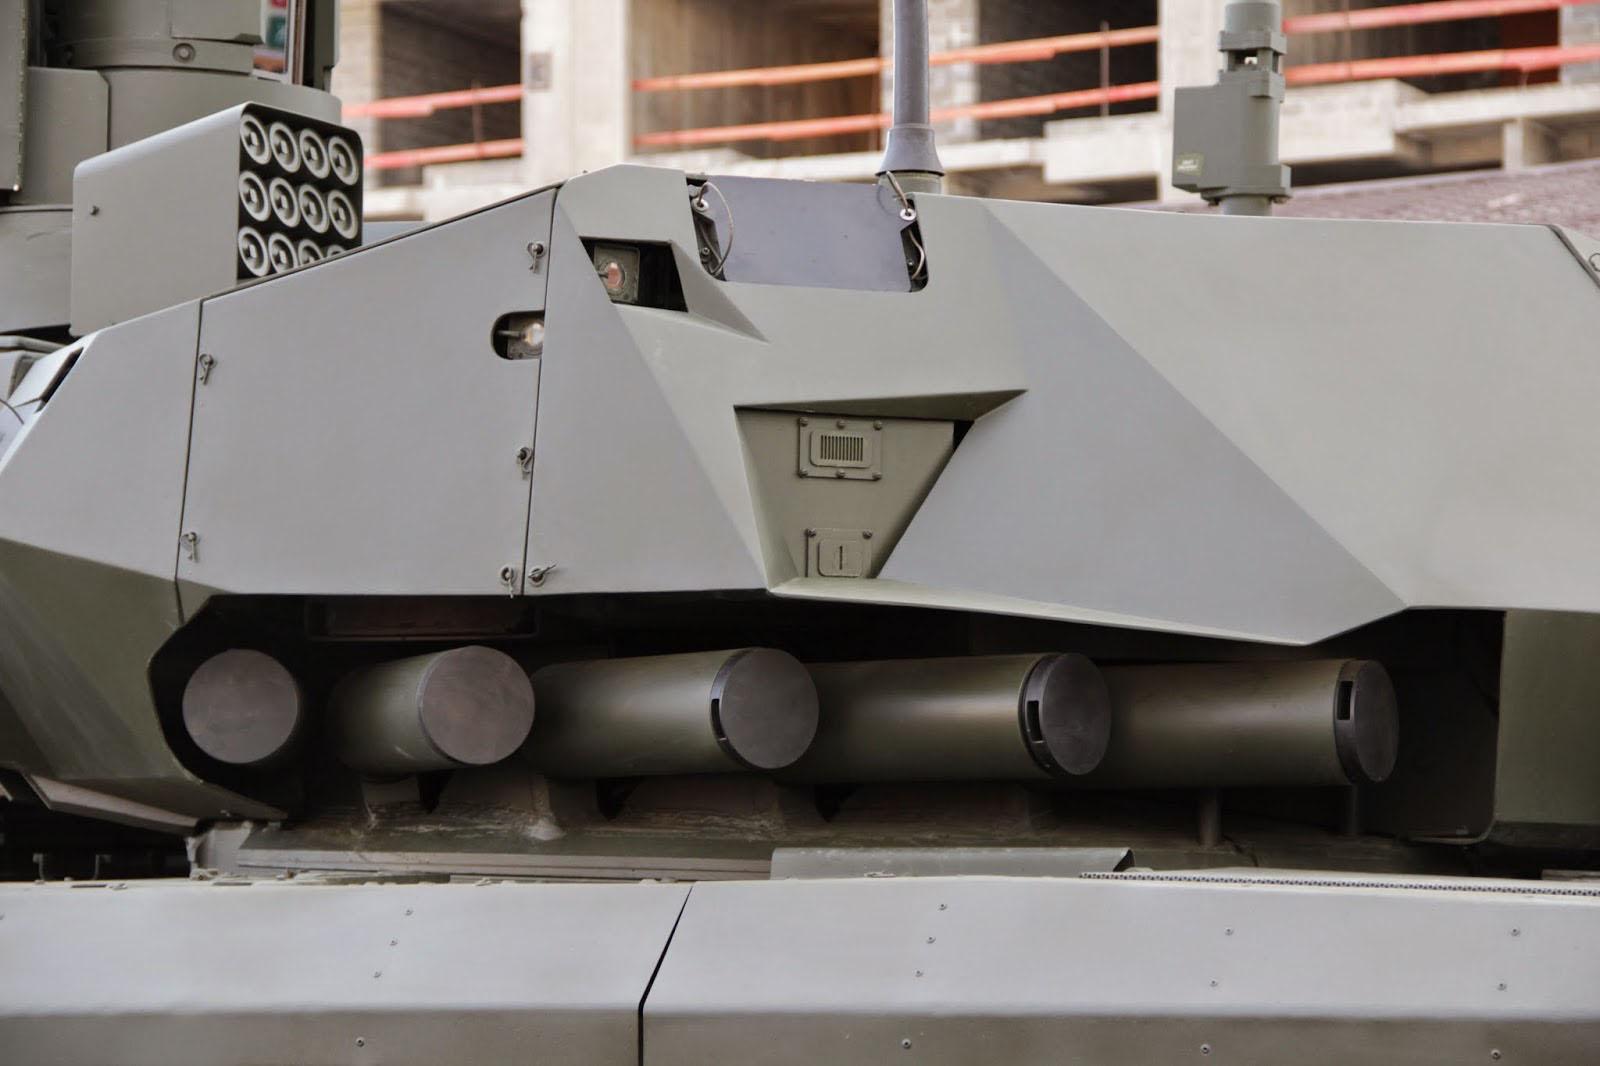 Armata: ¿el robotanque ruso? - Página 2 0_131ac5_f091bc66_orig